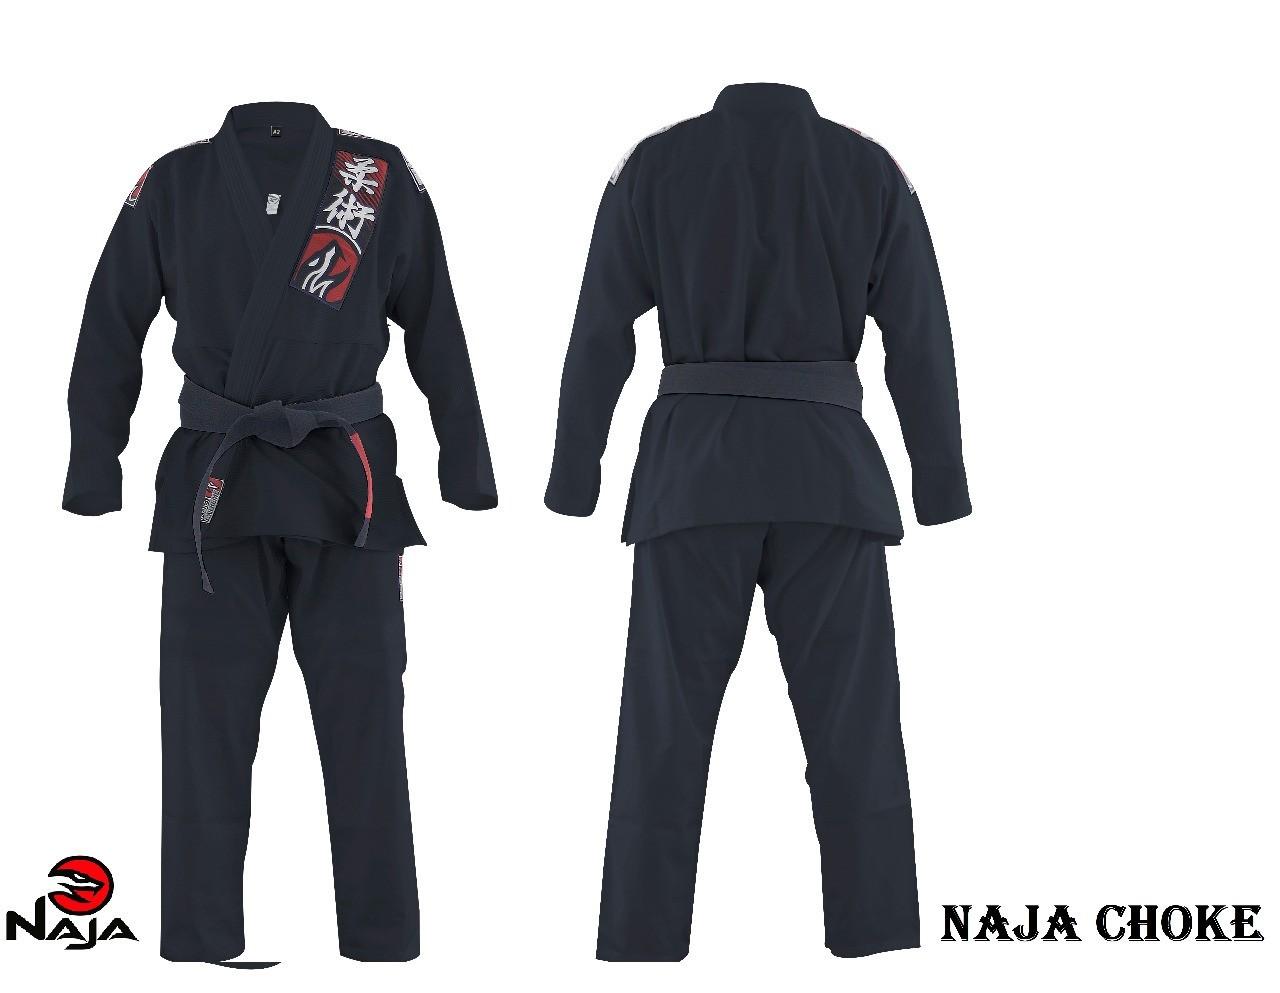 Kimono Jiu Jitsu Trancado Choke - Preto - Naja